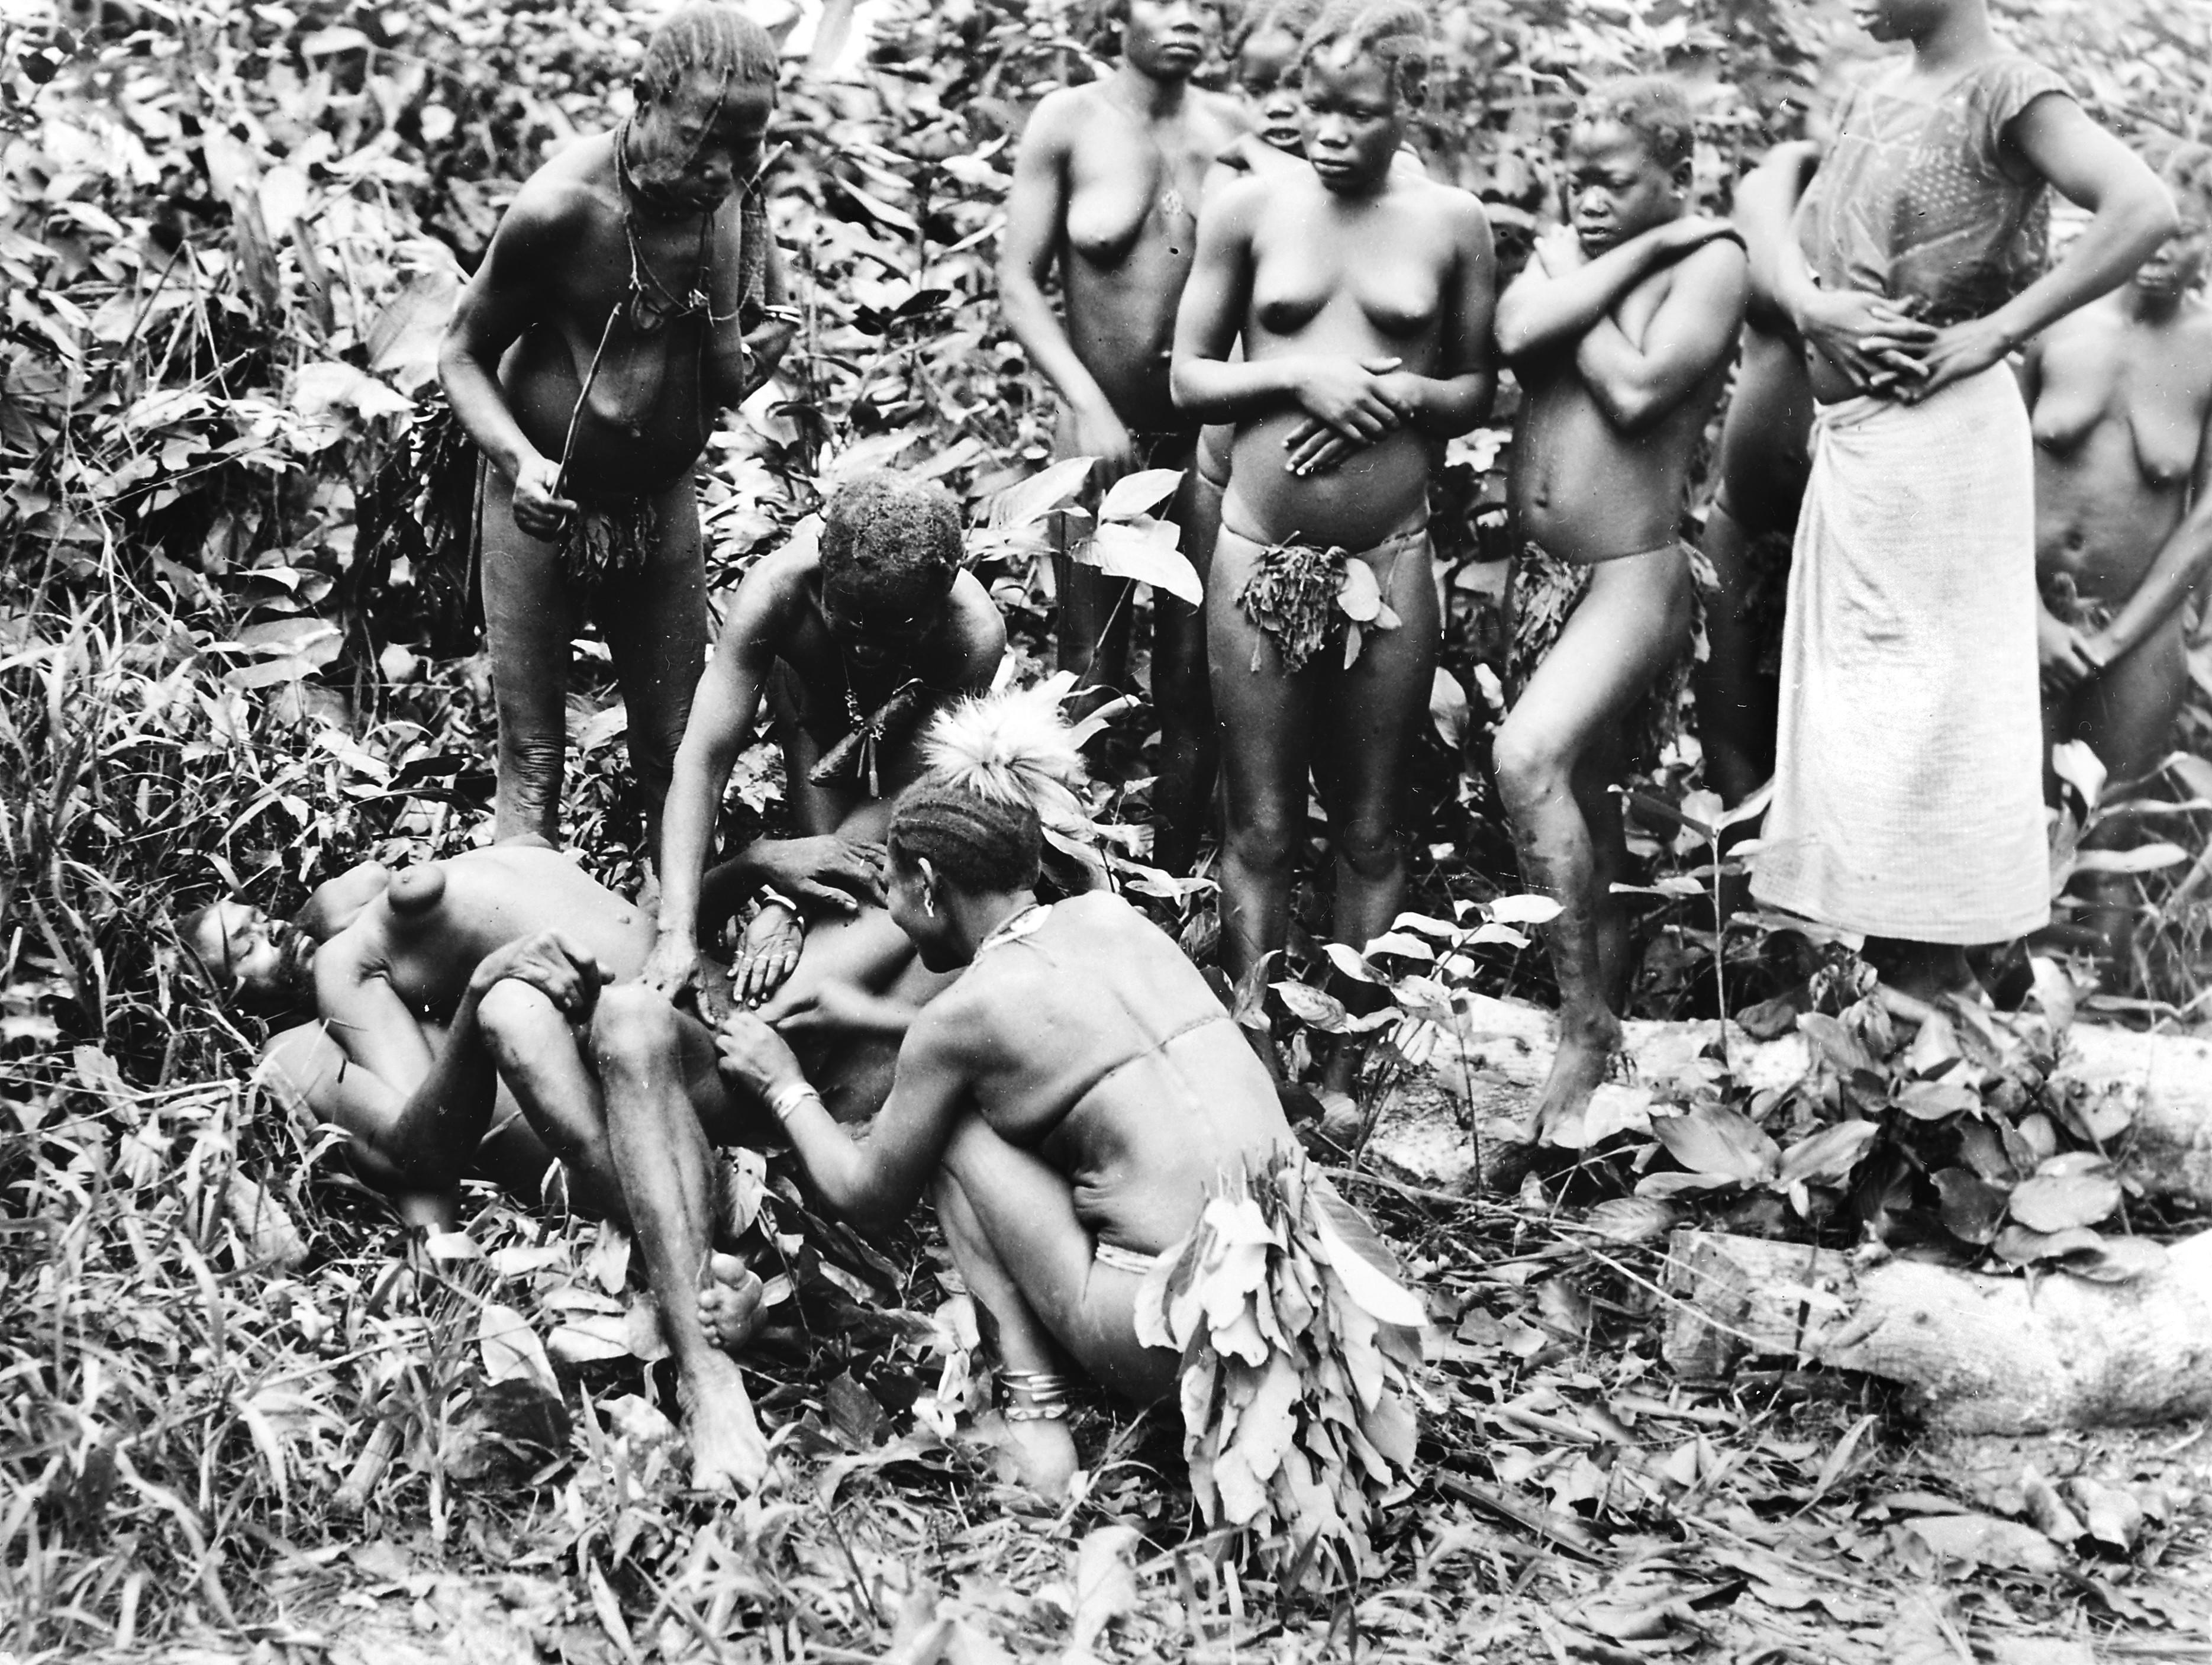 férfi törzs és pénisz kárt a nagy péniszből egy nő számára